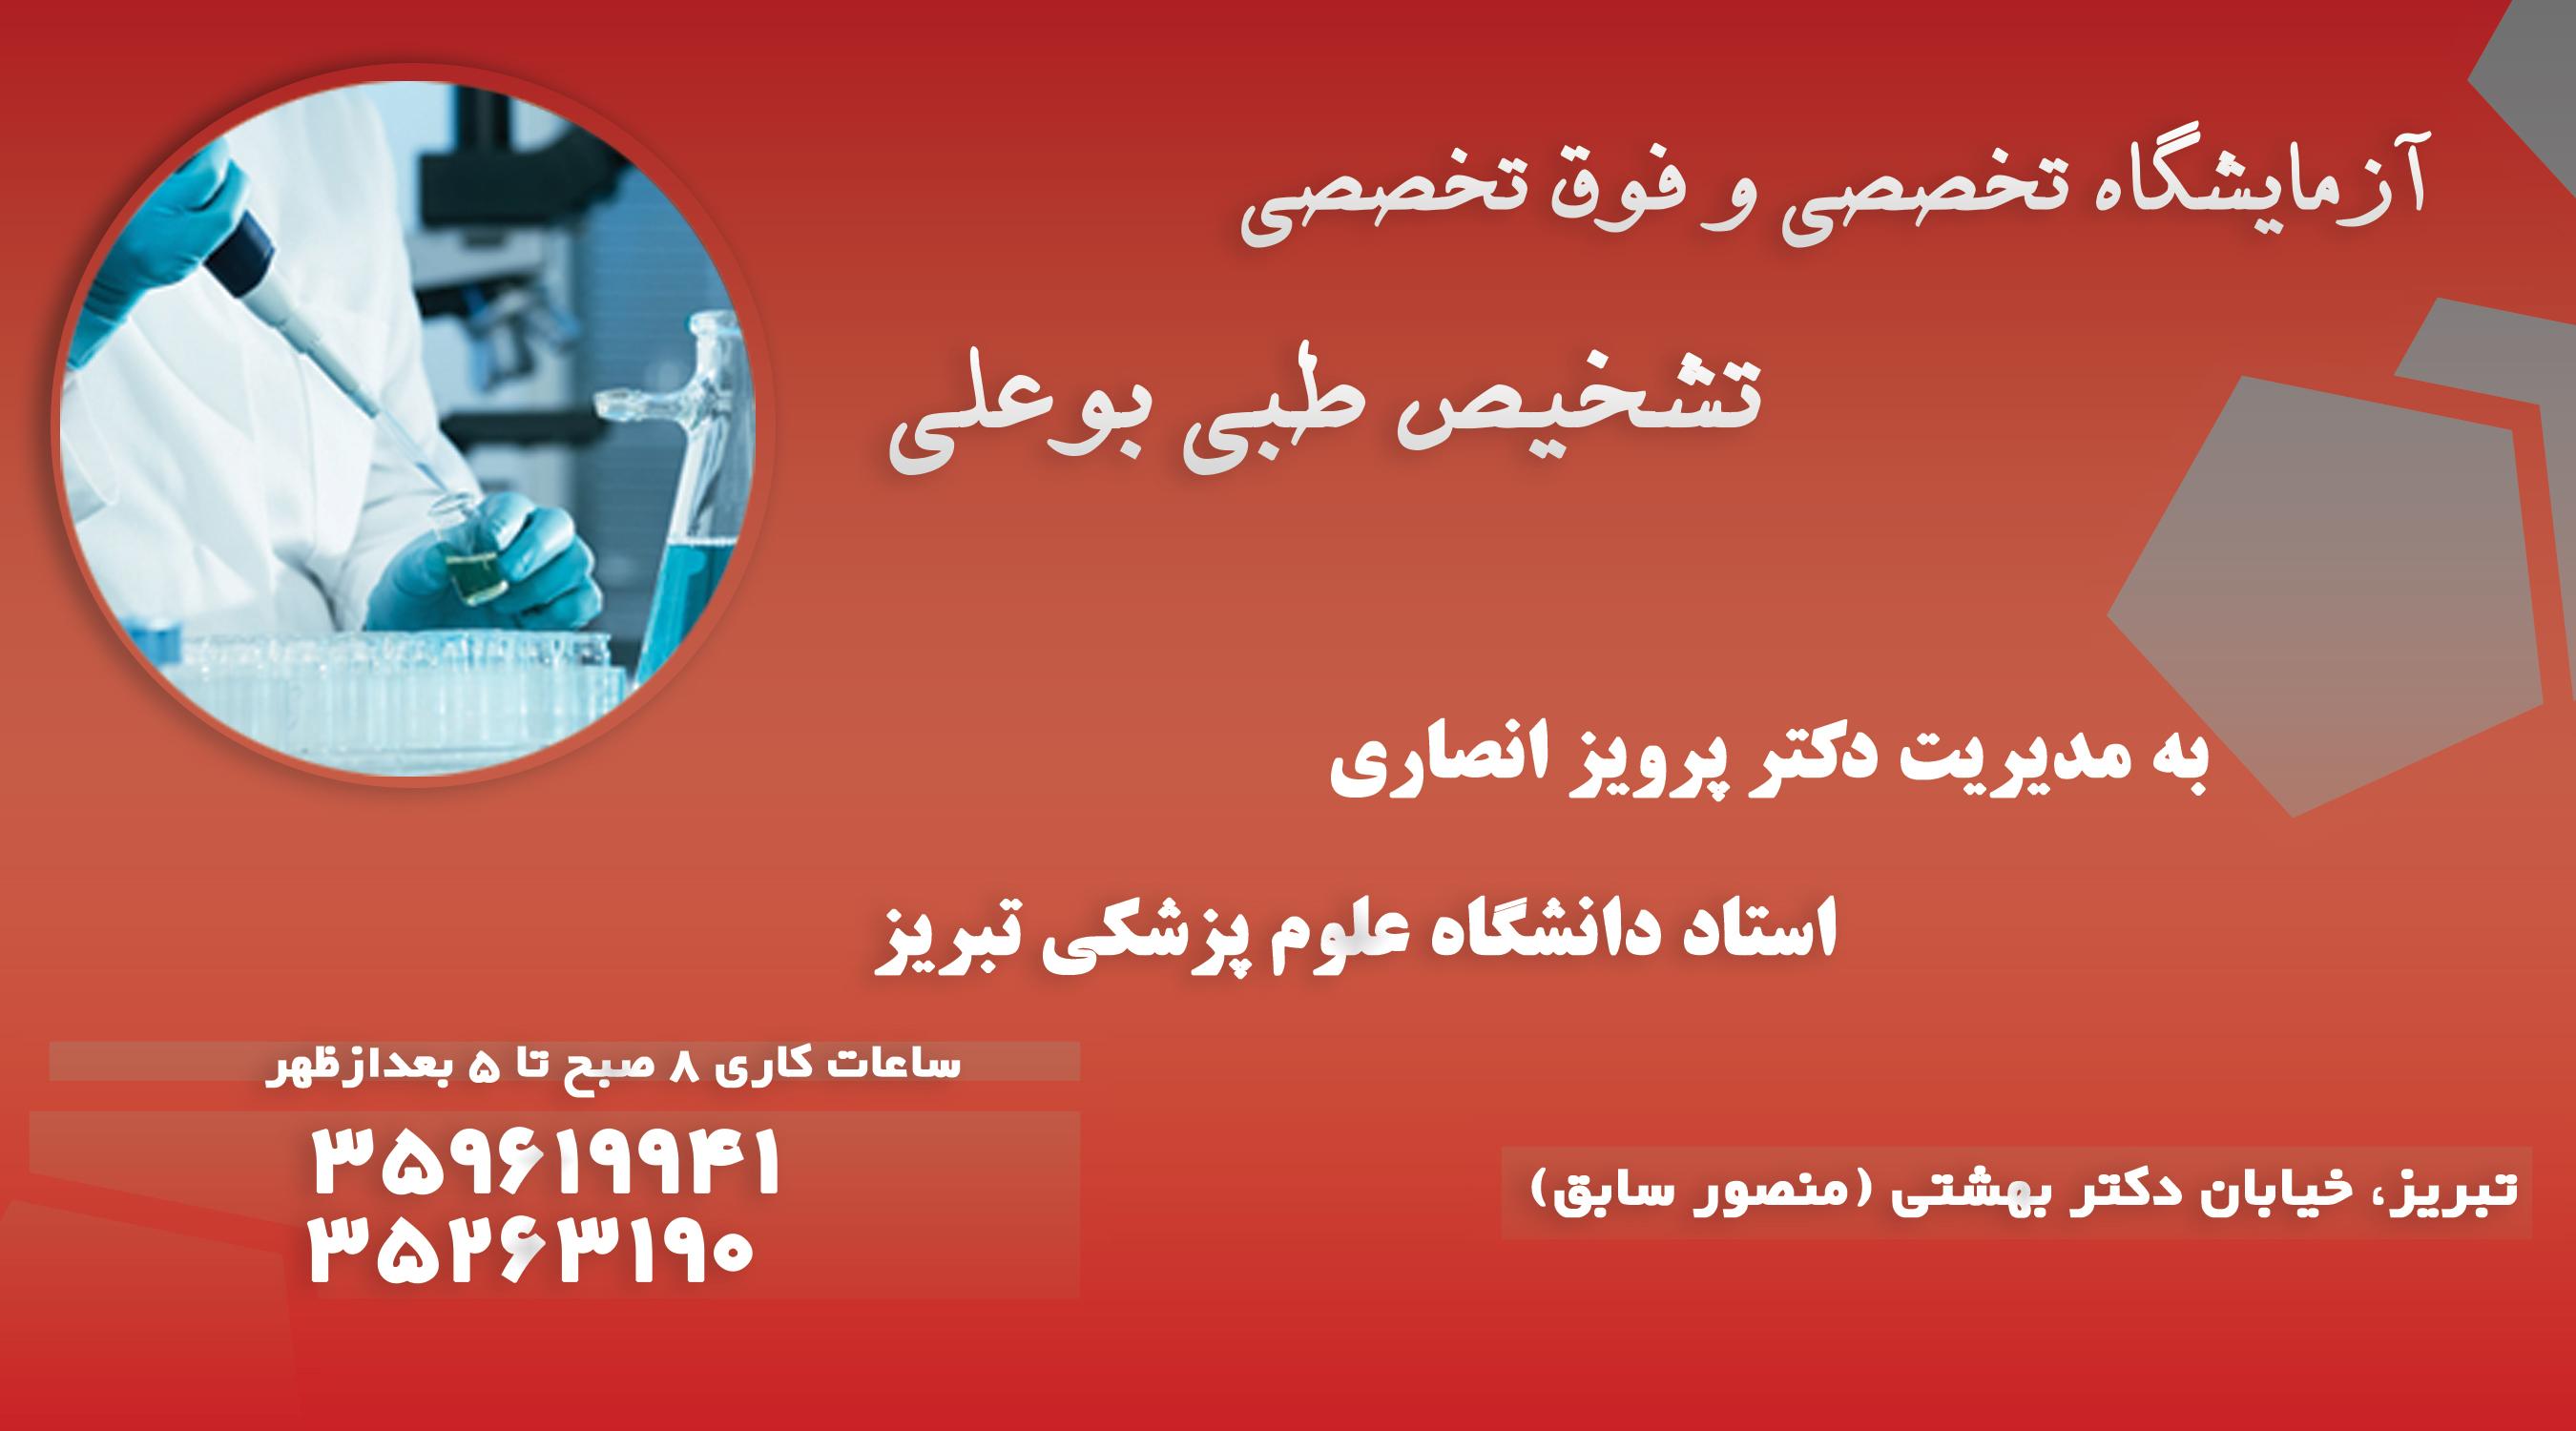 آزمایشگاه تشخیص طبی بوعلی در تبریز